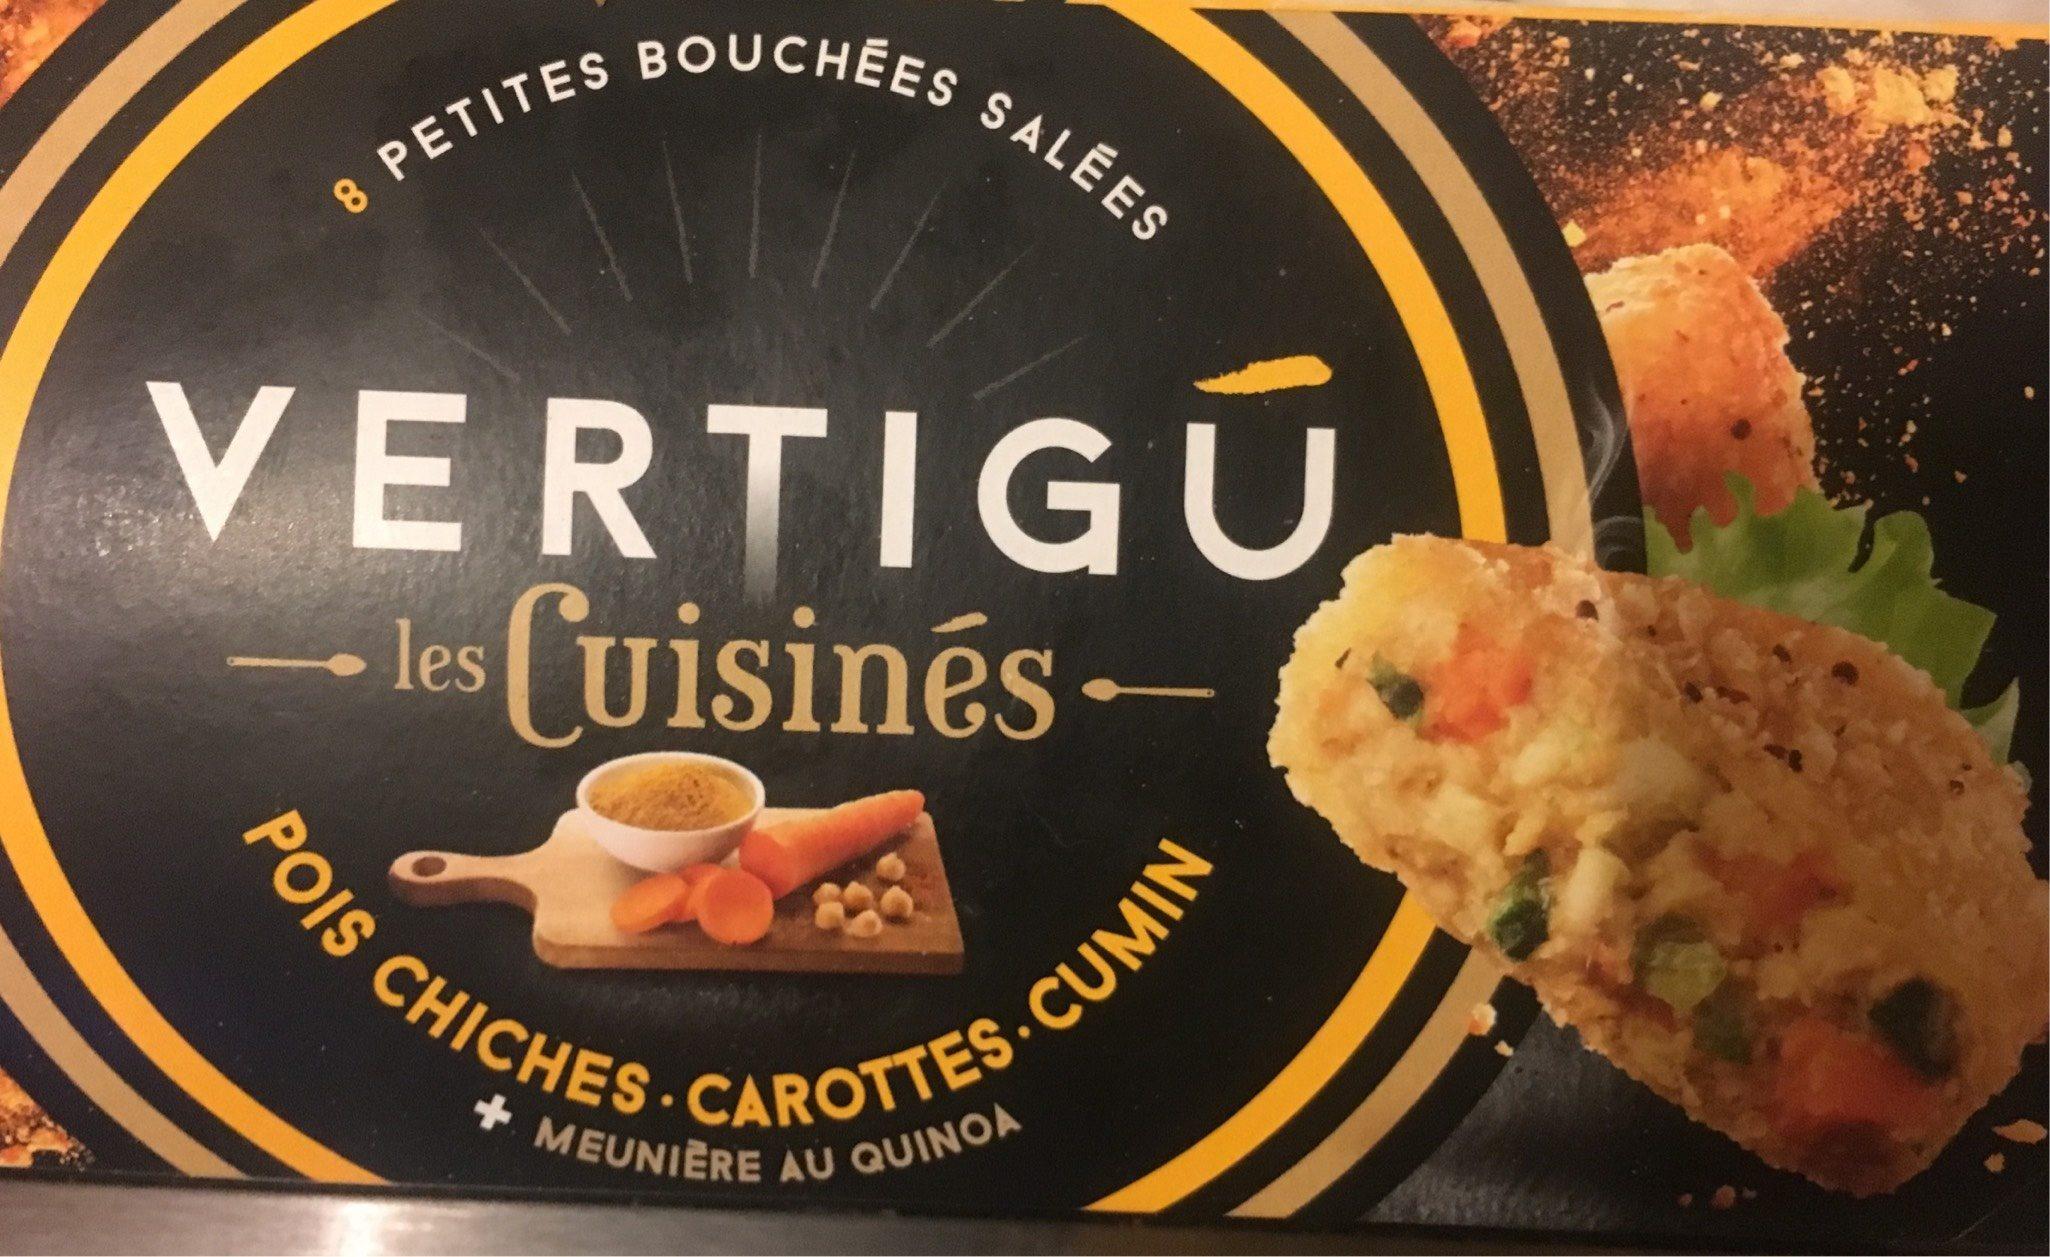 Les cuisinés pois chiches carottes cum - Product